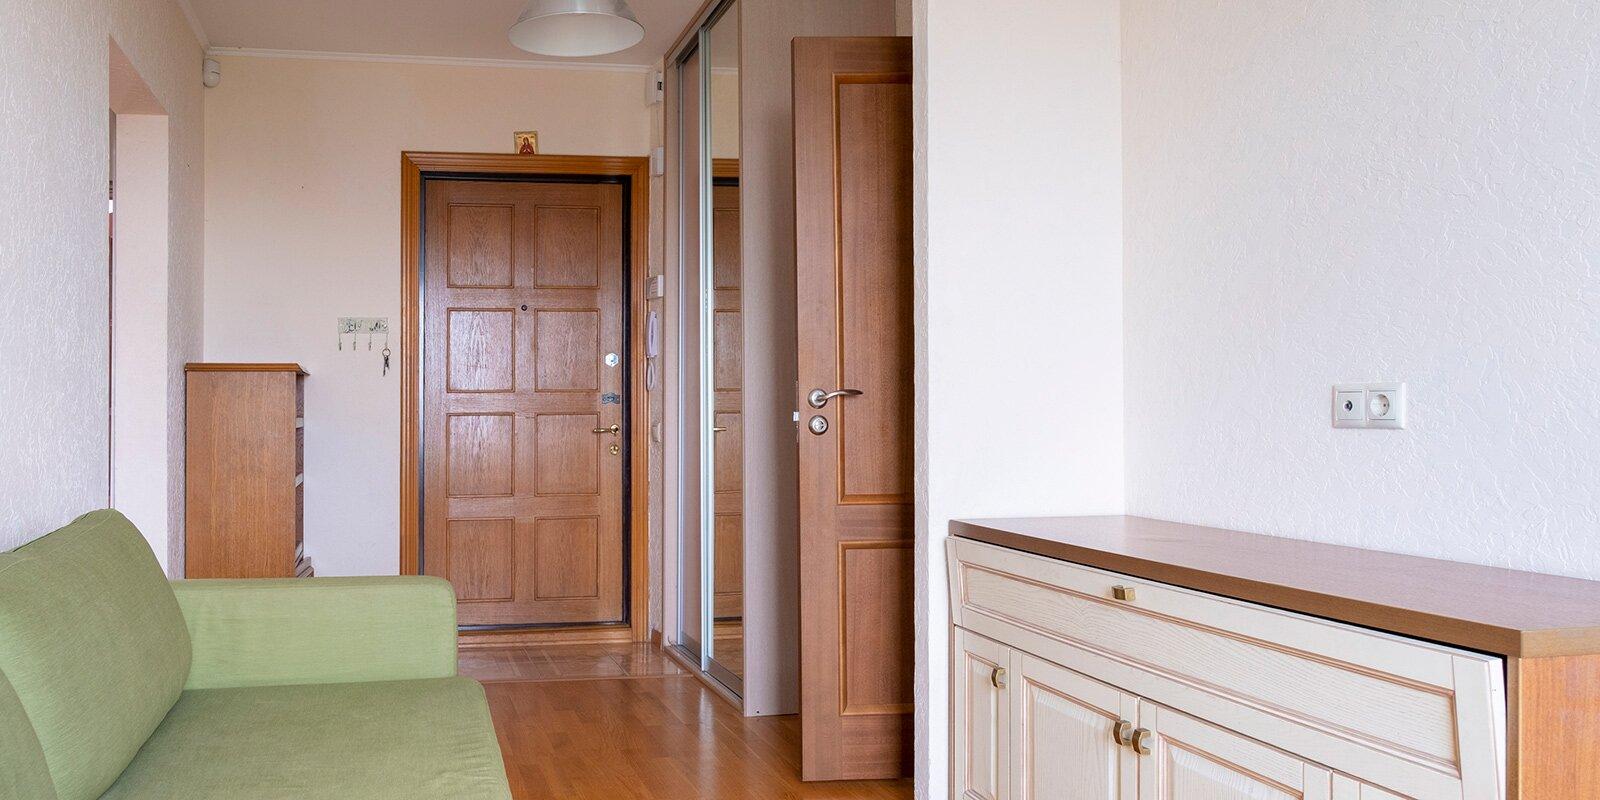 Покупка, аренда и льготное жилье: какие госуслуги Департамента городского имущества Москвы можно получить онлайн